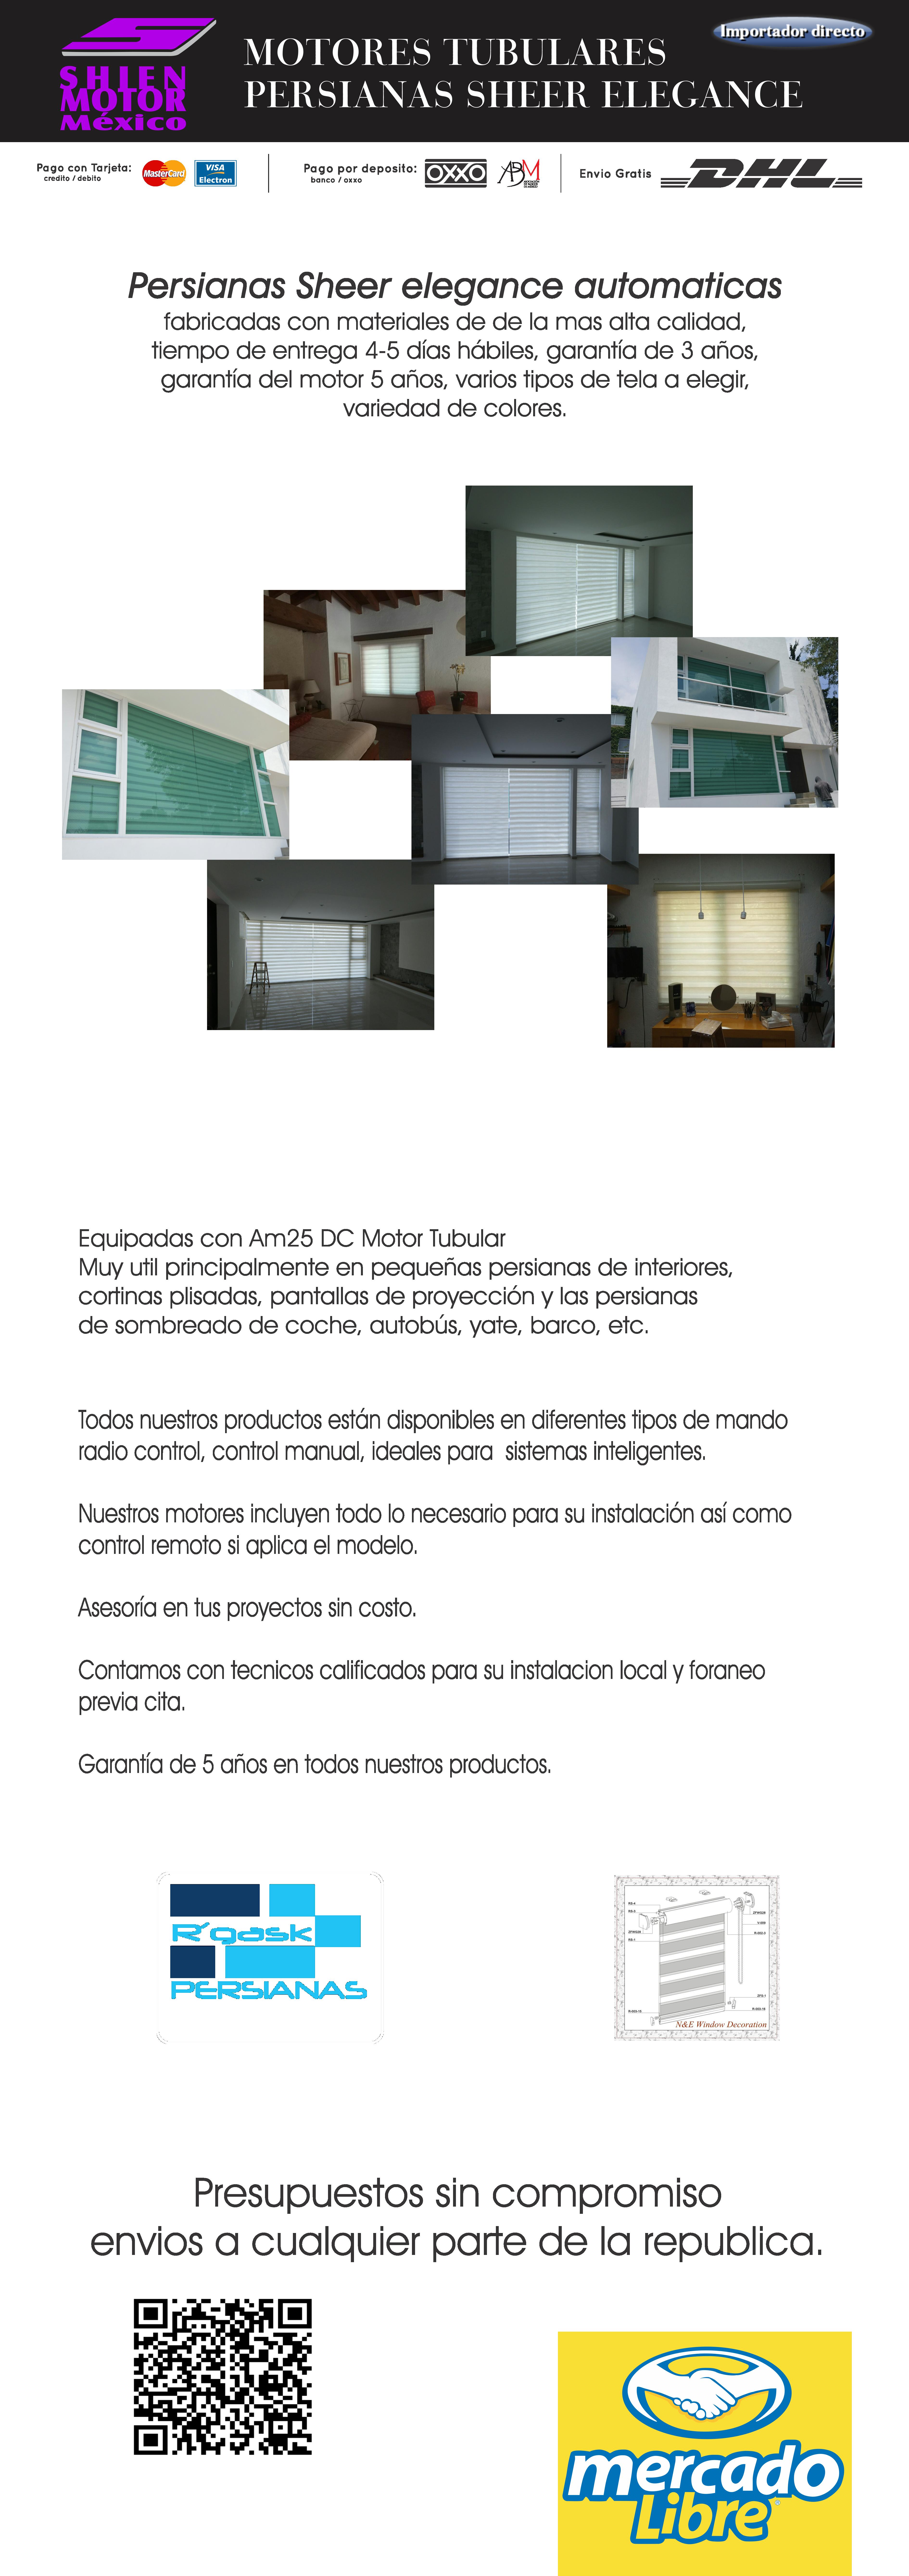 Sheer elegance cortina electrica 3 en mercado libre - Colocar persiana enrollable ...